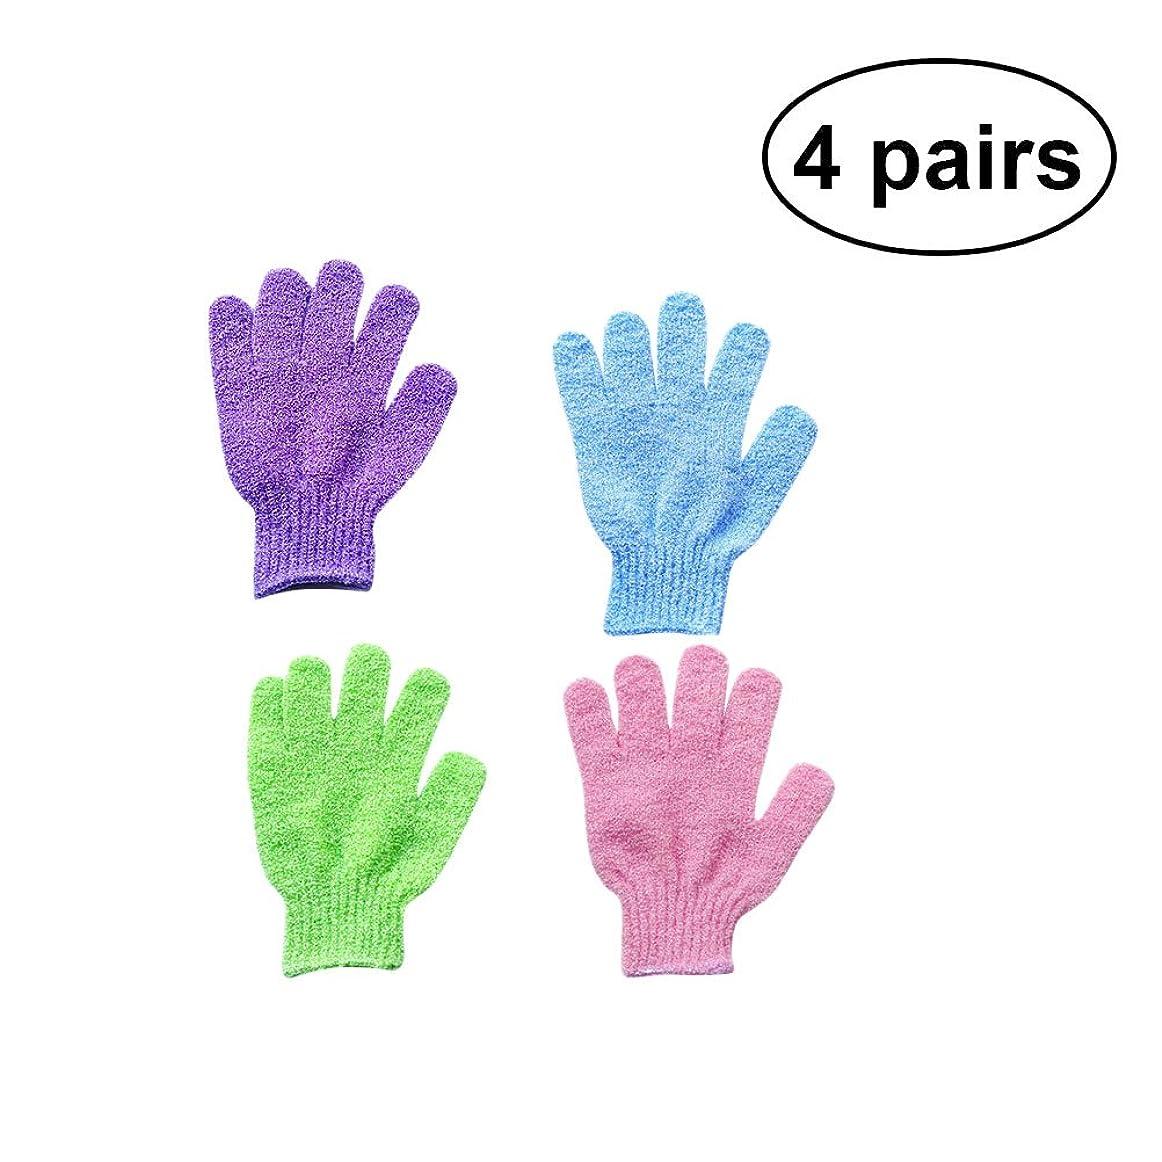 リンケージ失業者長さHealifty 4 Pairs Exfoliating Bath Gloves Shower Mitts Exfoliating Body Spa Massage Dead Skin Cell Remover